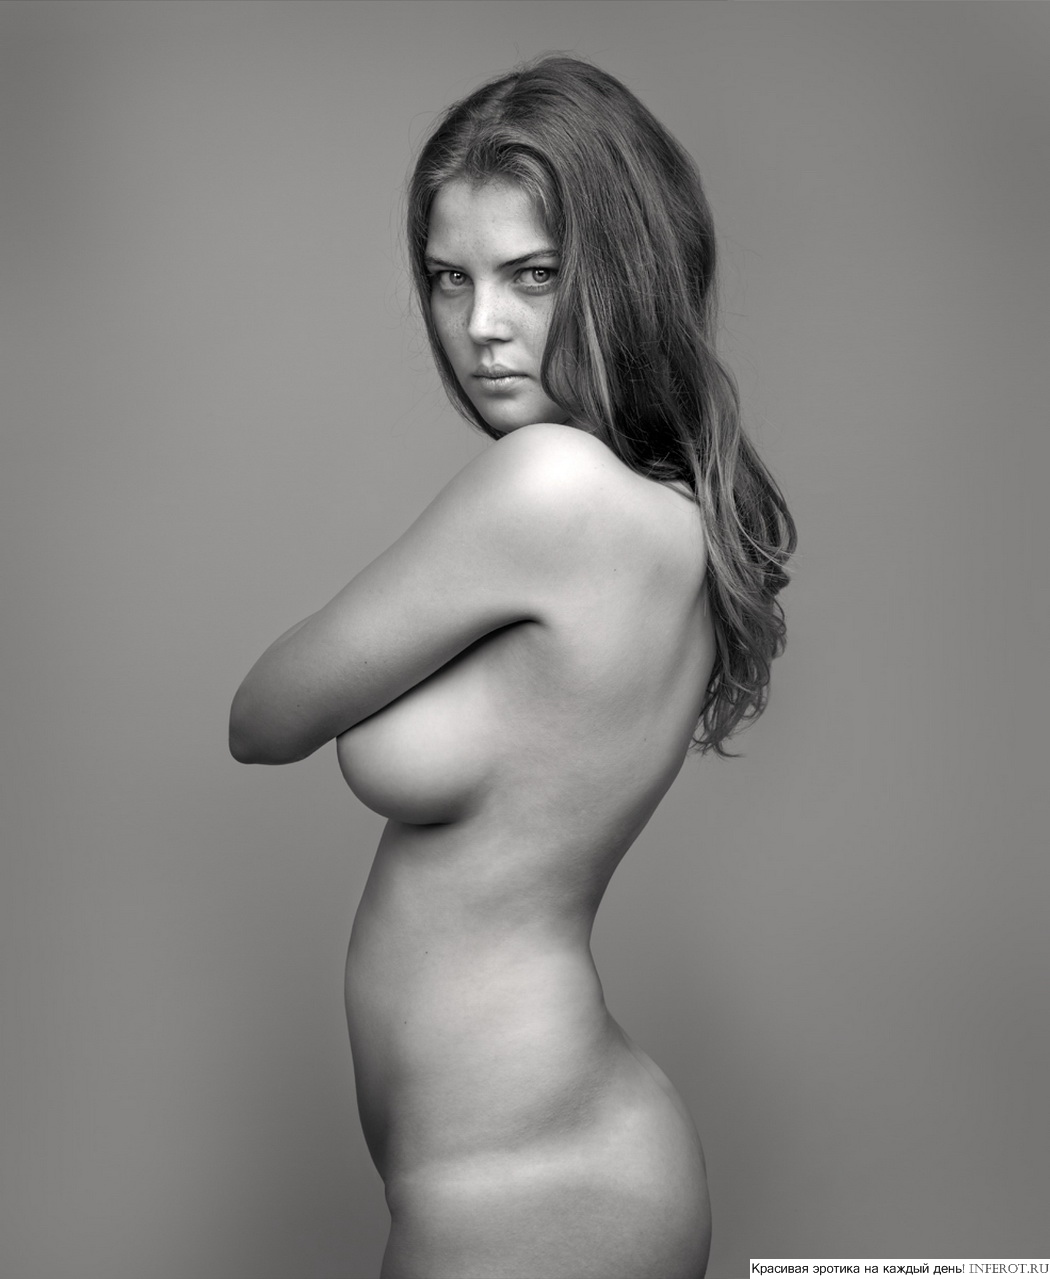 Эротический женский портрет 1 фотография